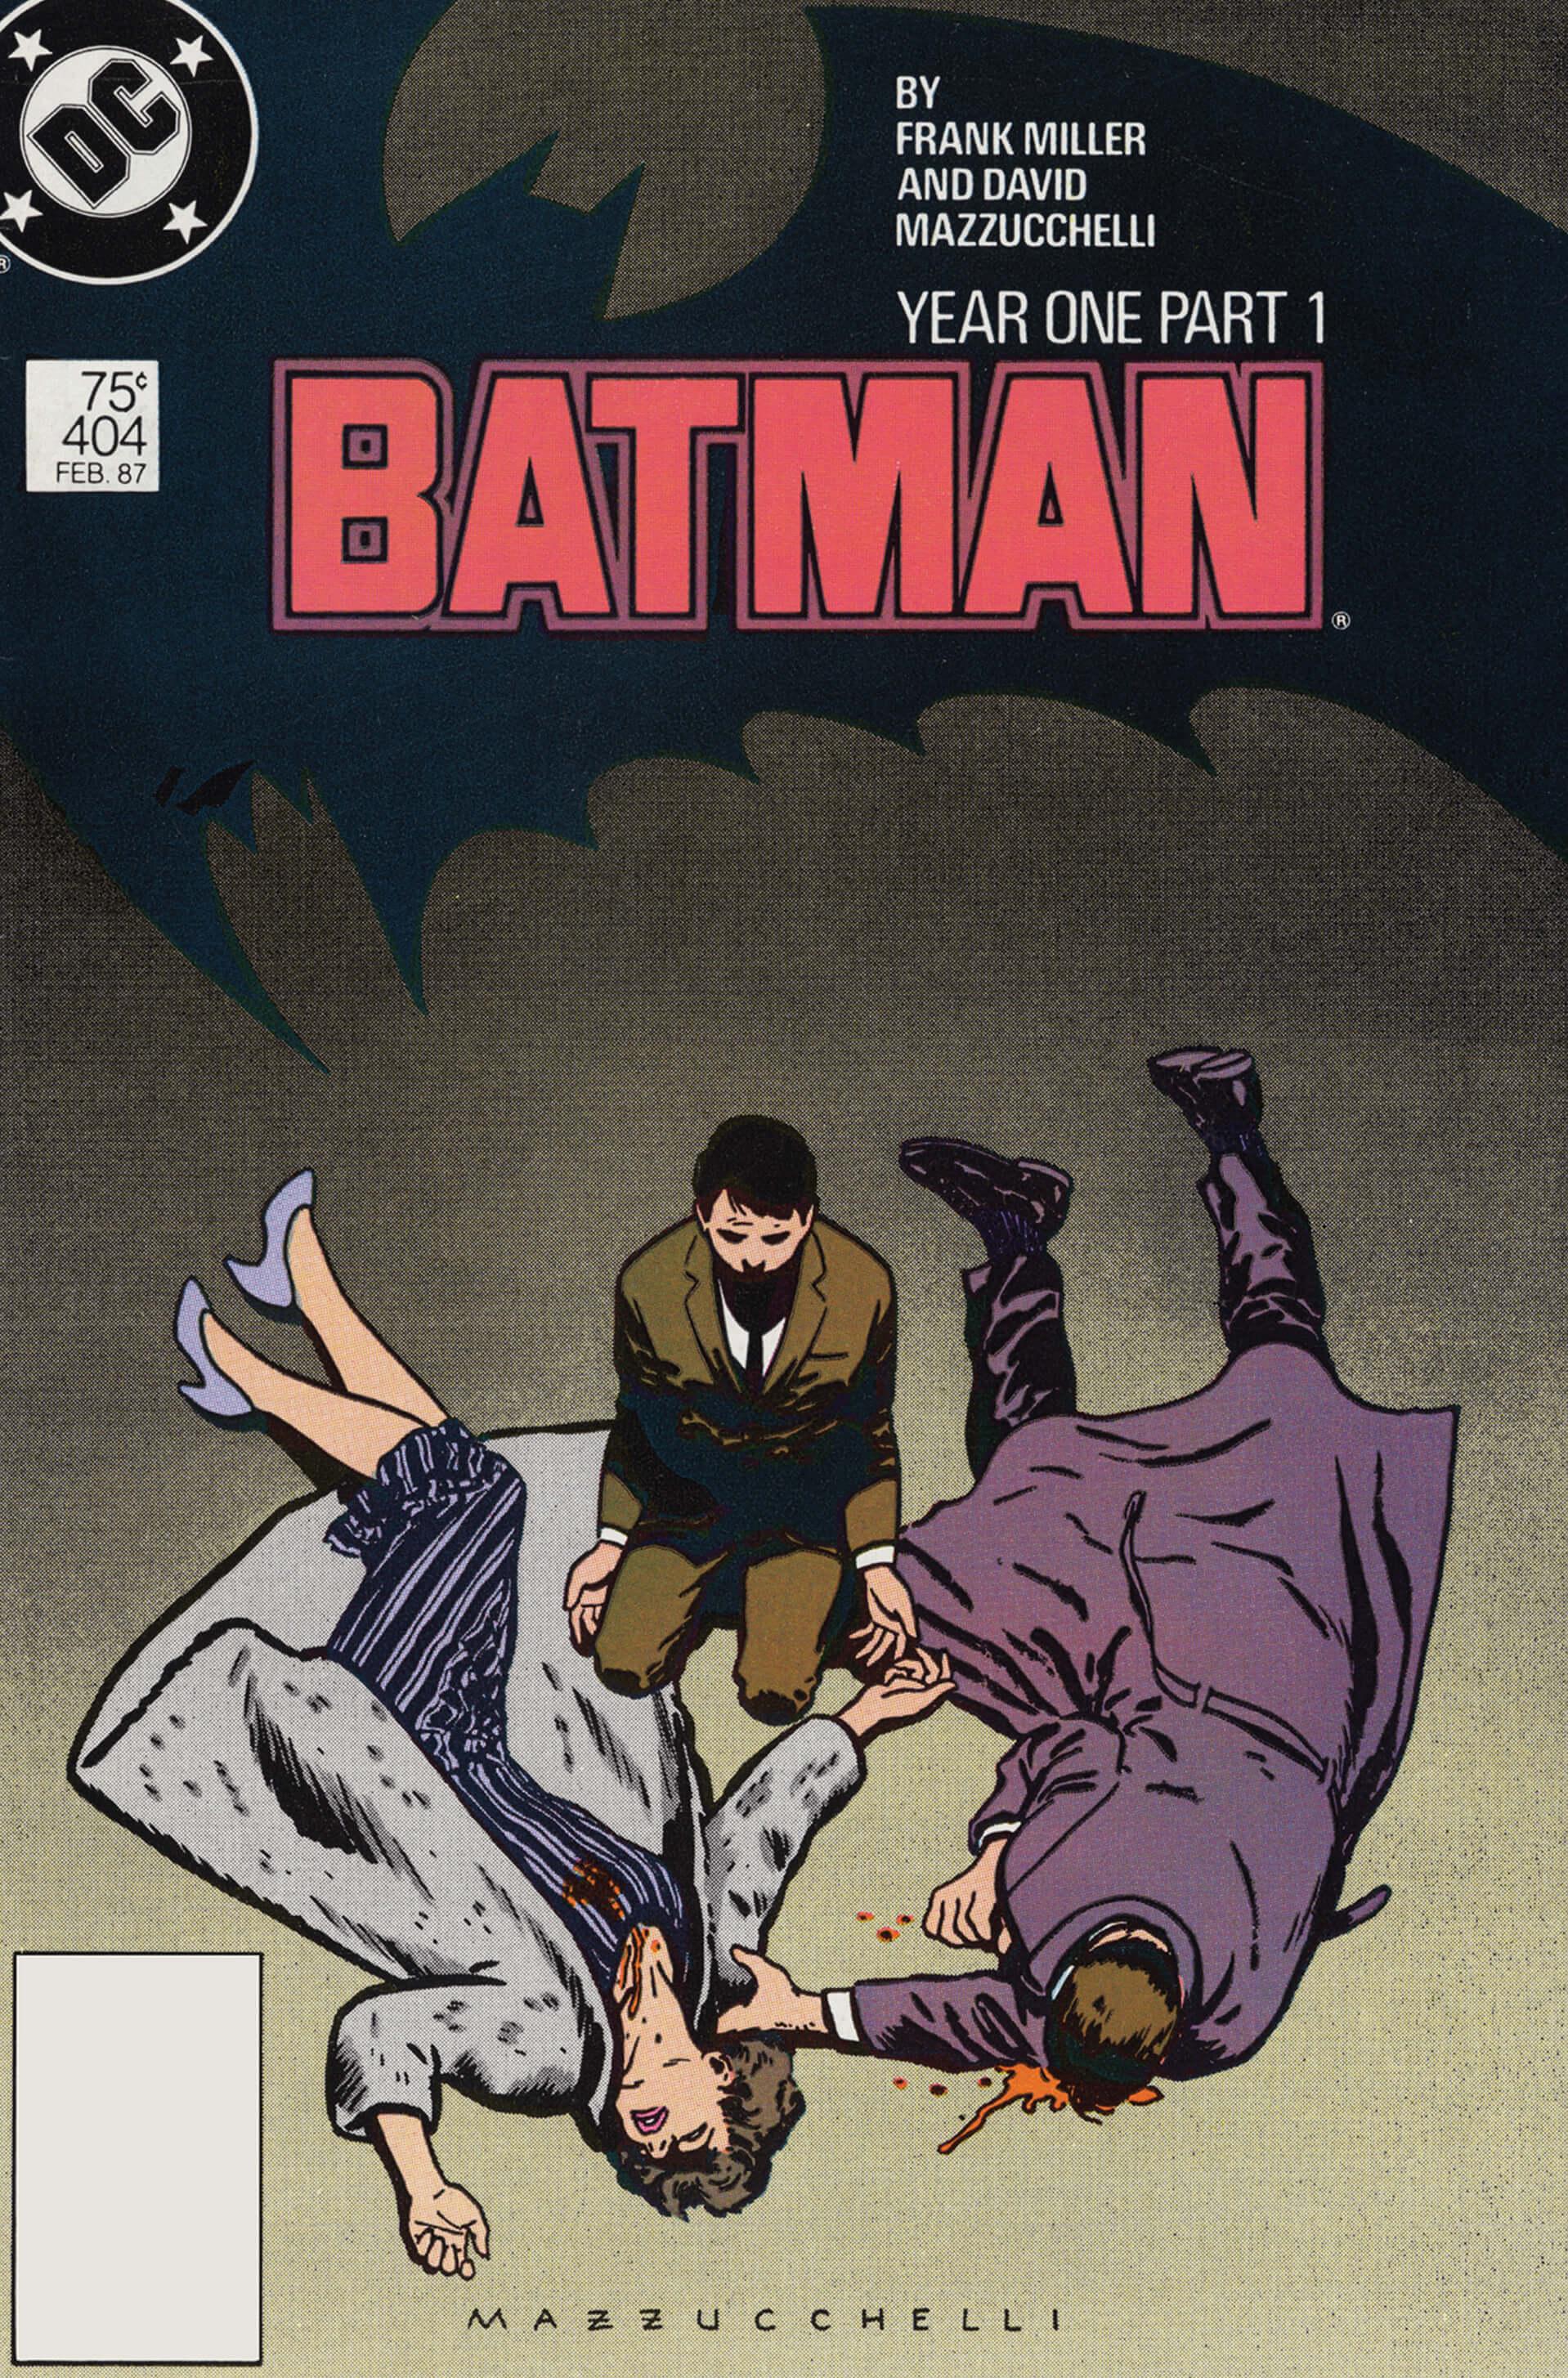 batman-essential4-yearone-BM_404_COVER-v1.jpg